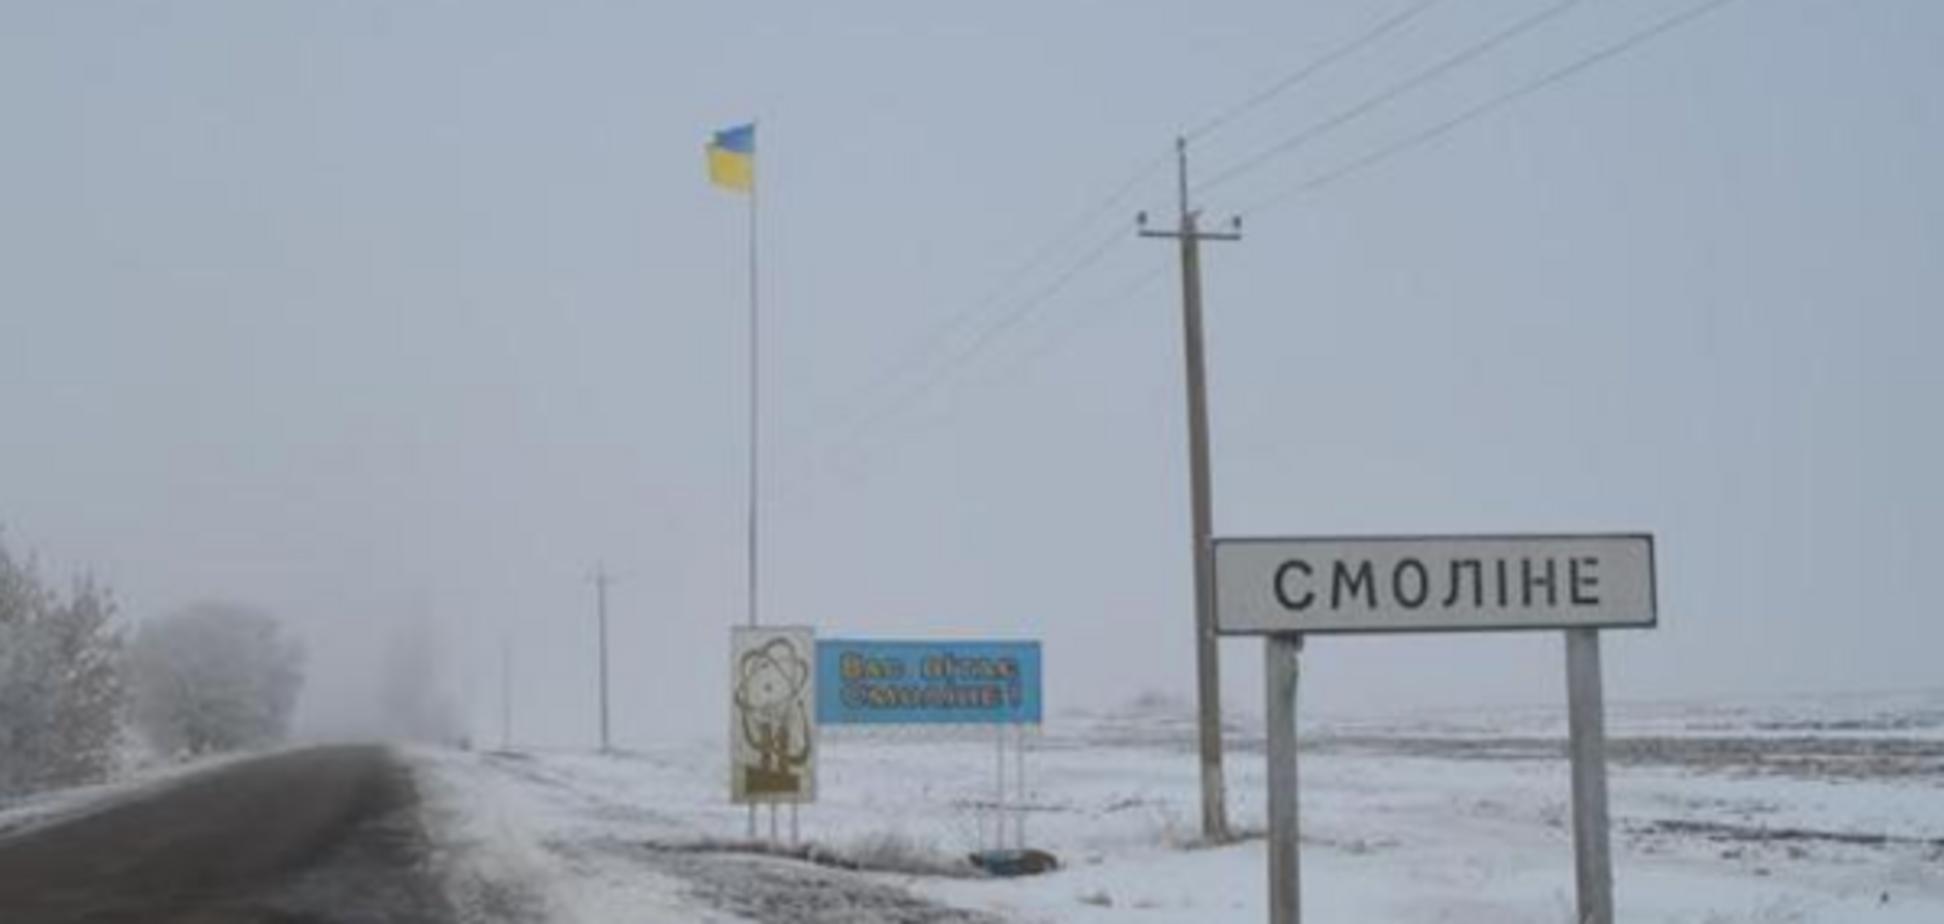 ЗМІ дізналися про візит в Україну командира приватної армії Путіна